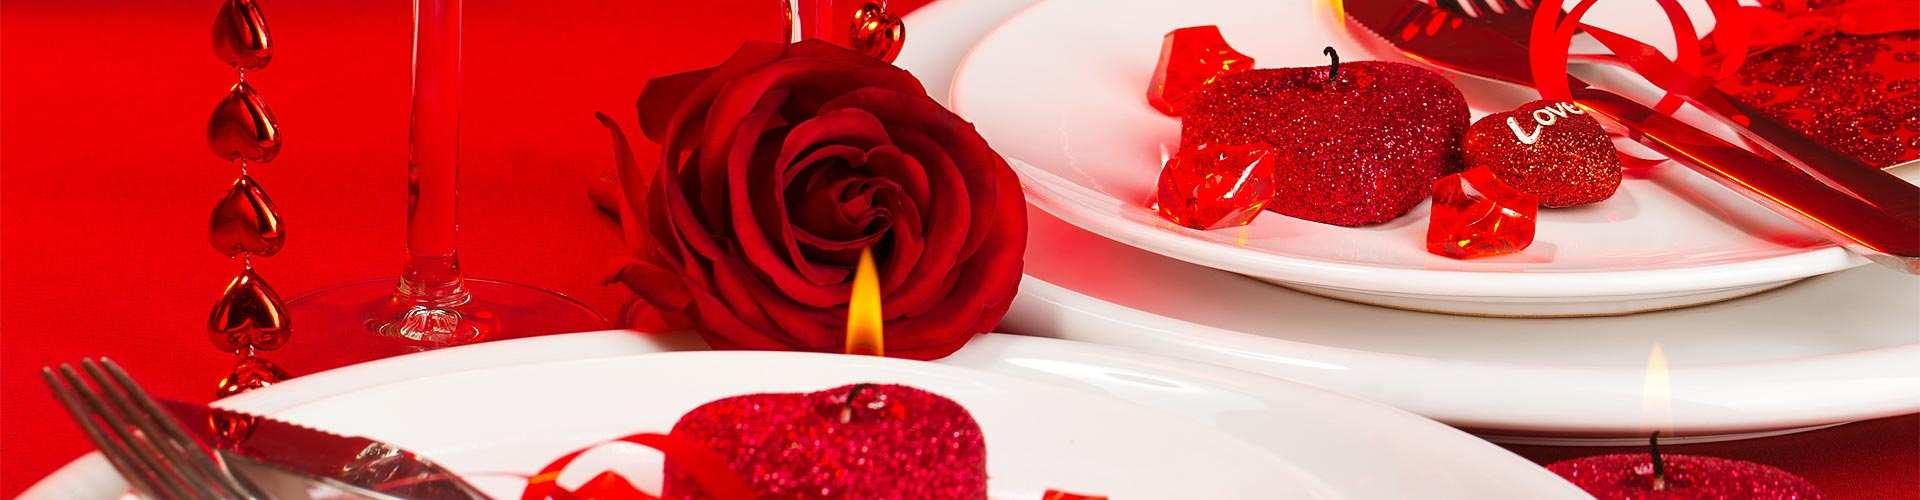 ofertas san valentin en restaurantes de El Palmar